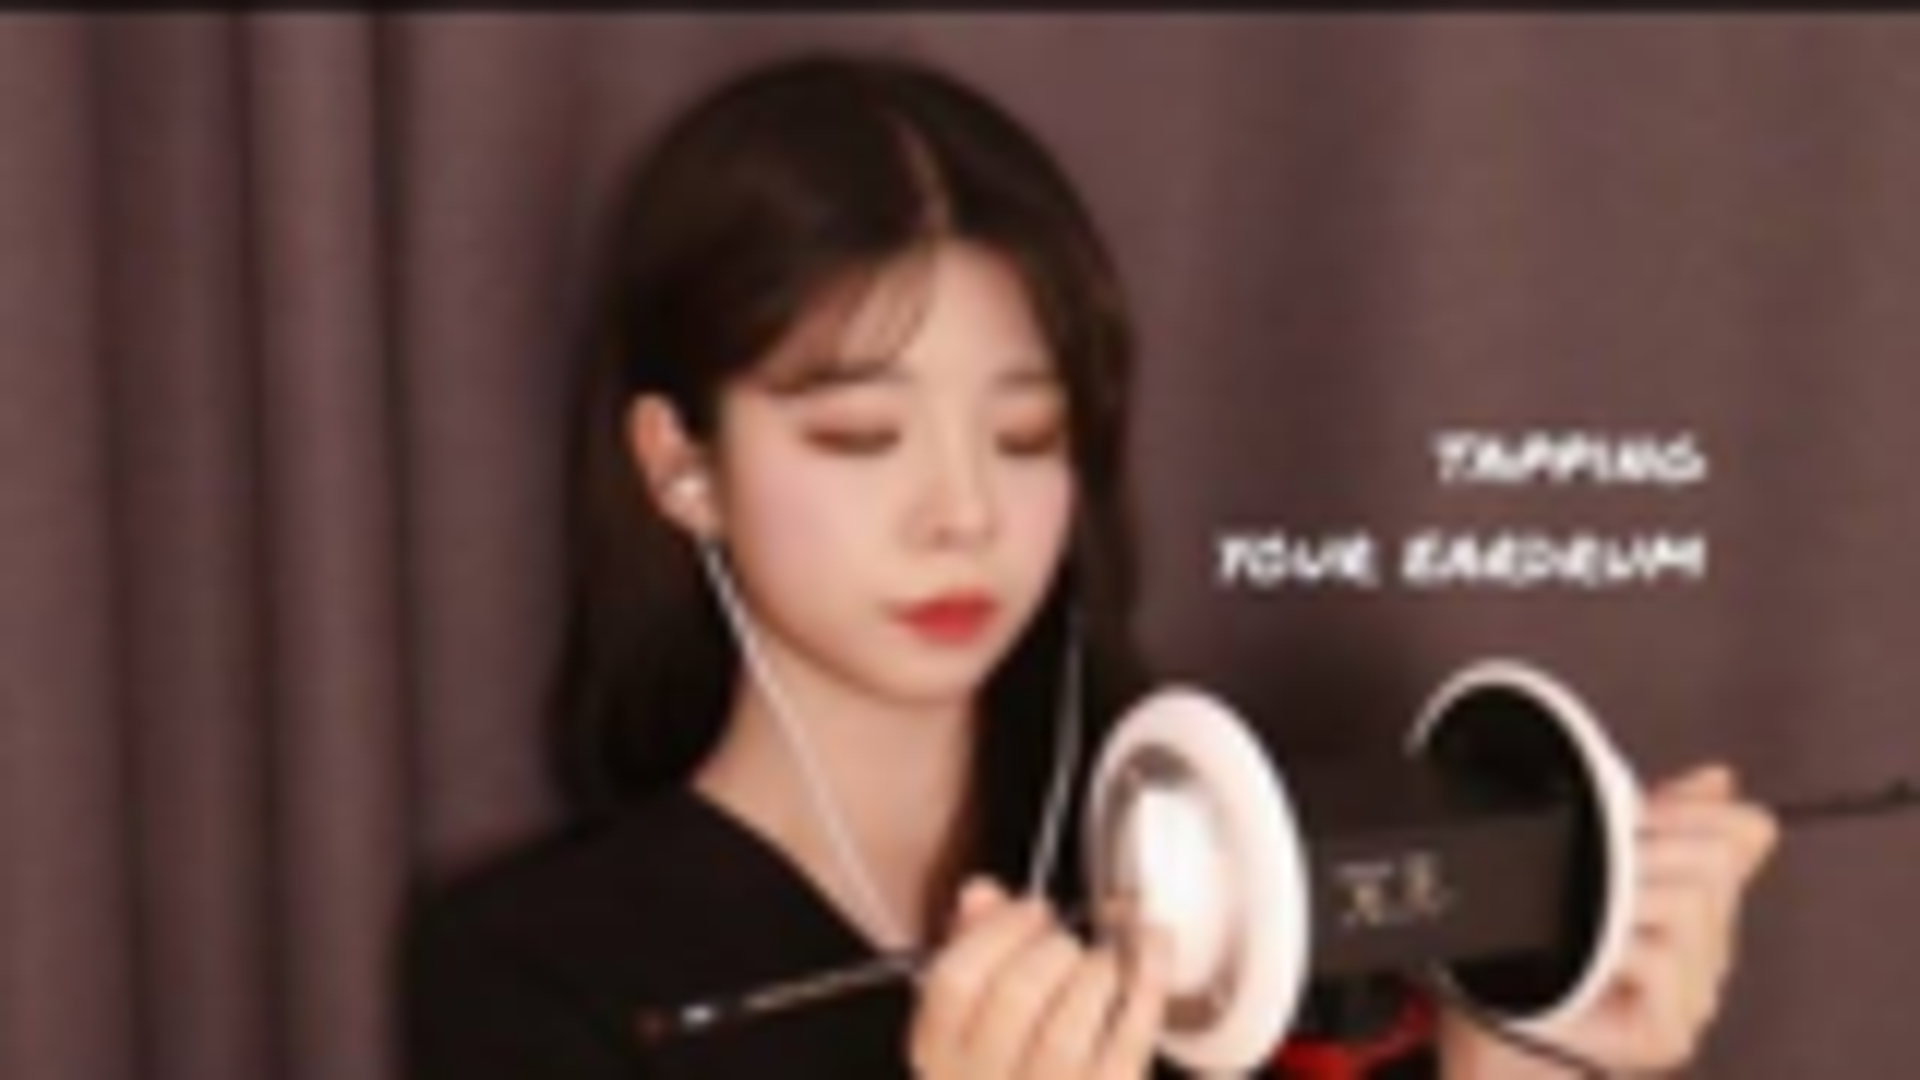 舒爽时间|yeonchu视频|拍打耳膜